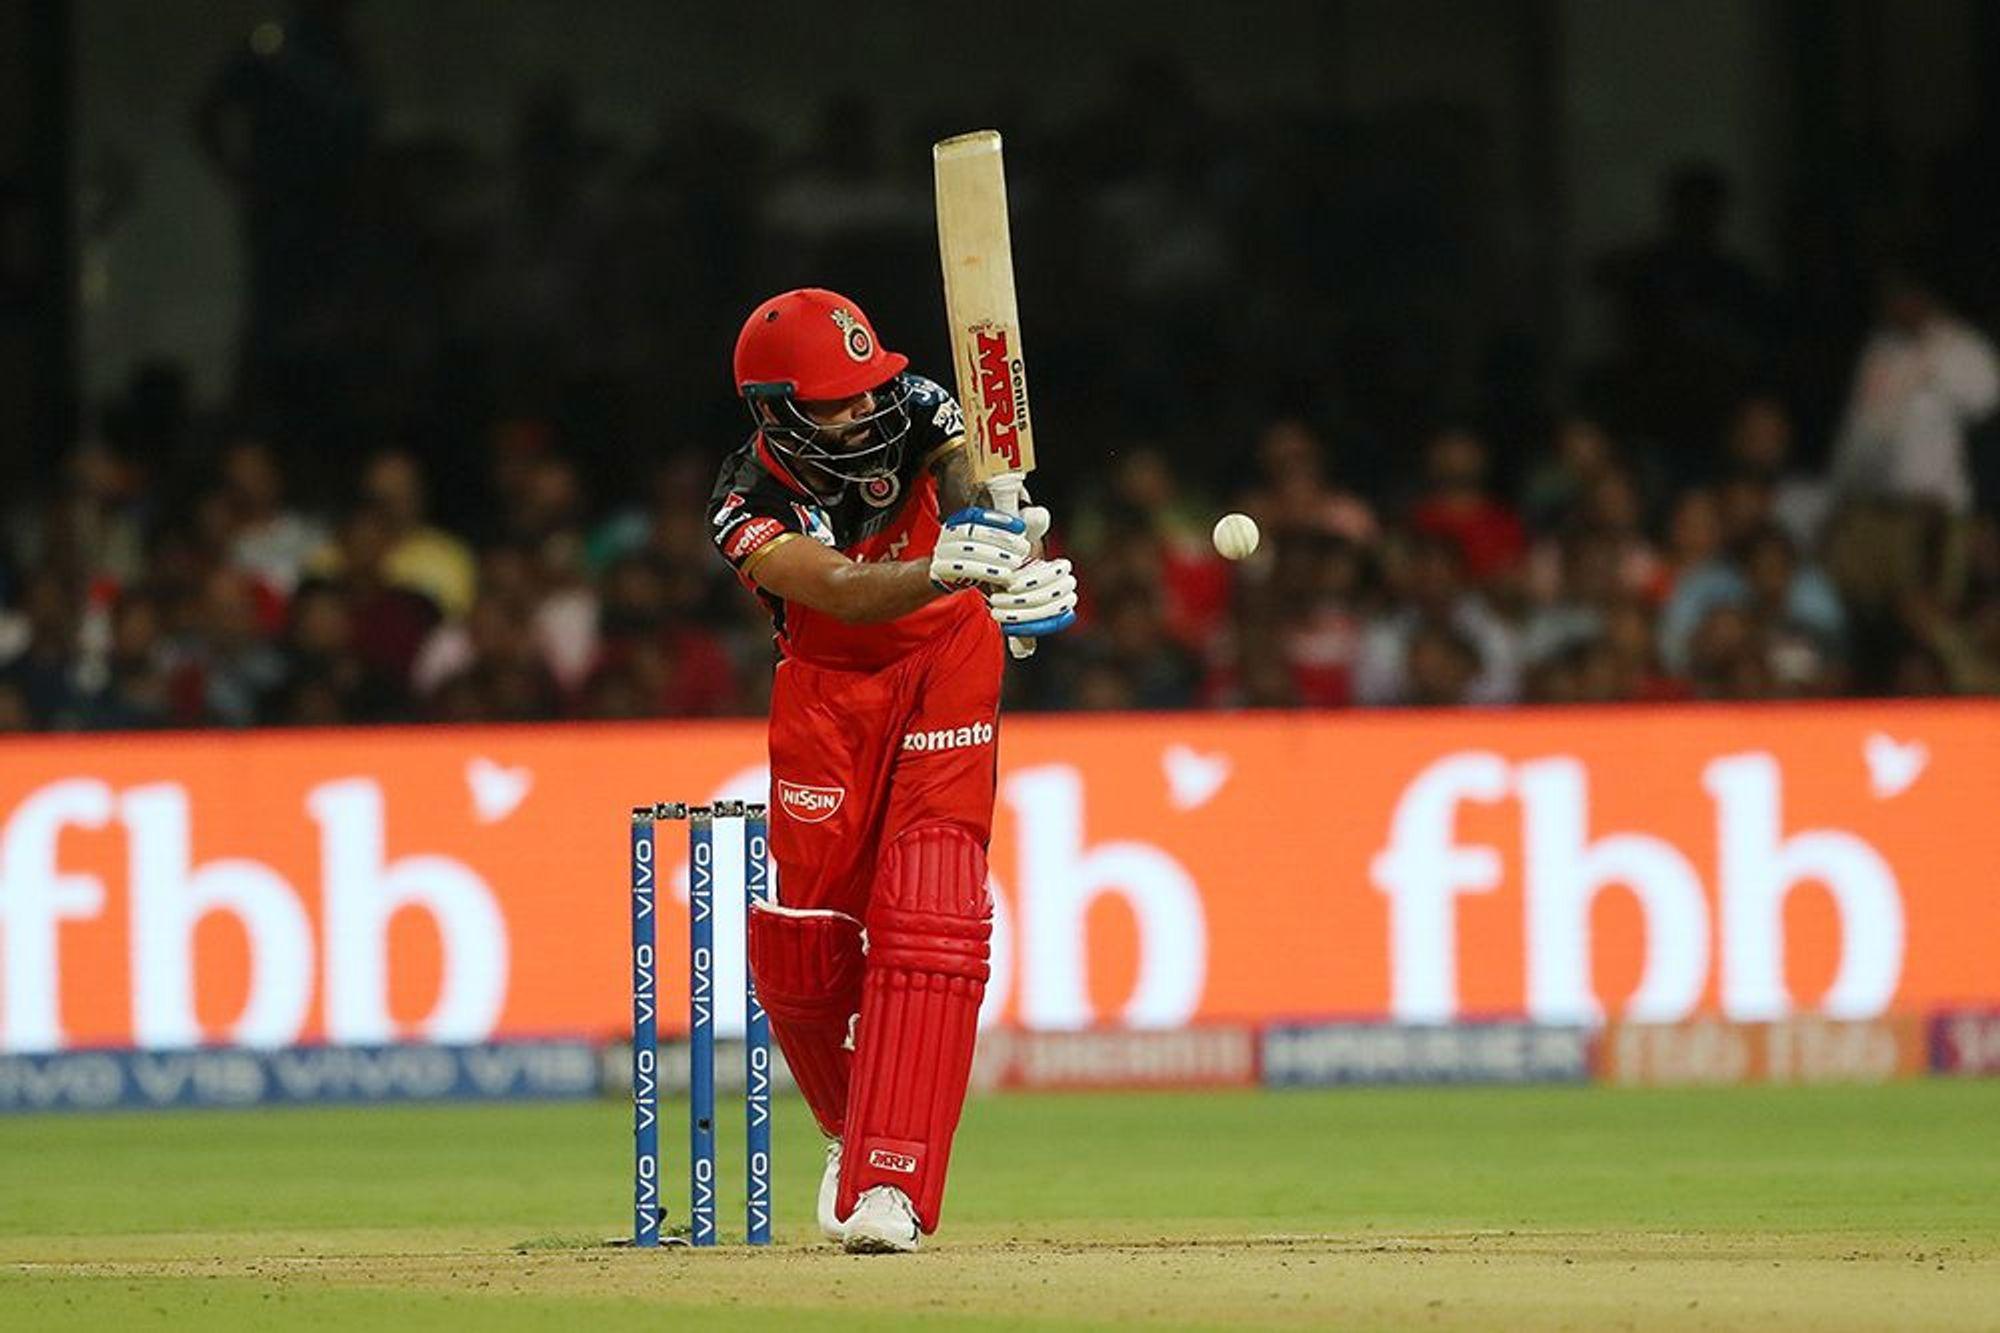 आरसीबीचा कर्णधार विराट कोहलीच्या नावावर 165 सामन्यात 178 षटकार आहेत. या यादीत तो सहाव्या क्रमांकावर आहे.